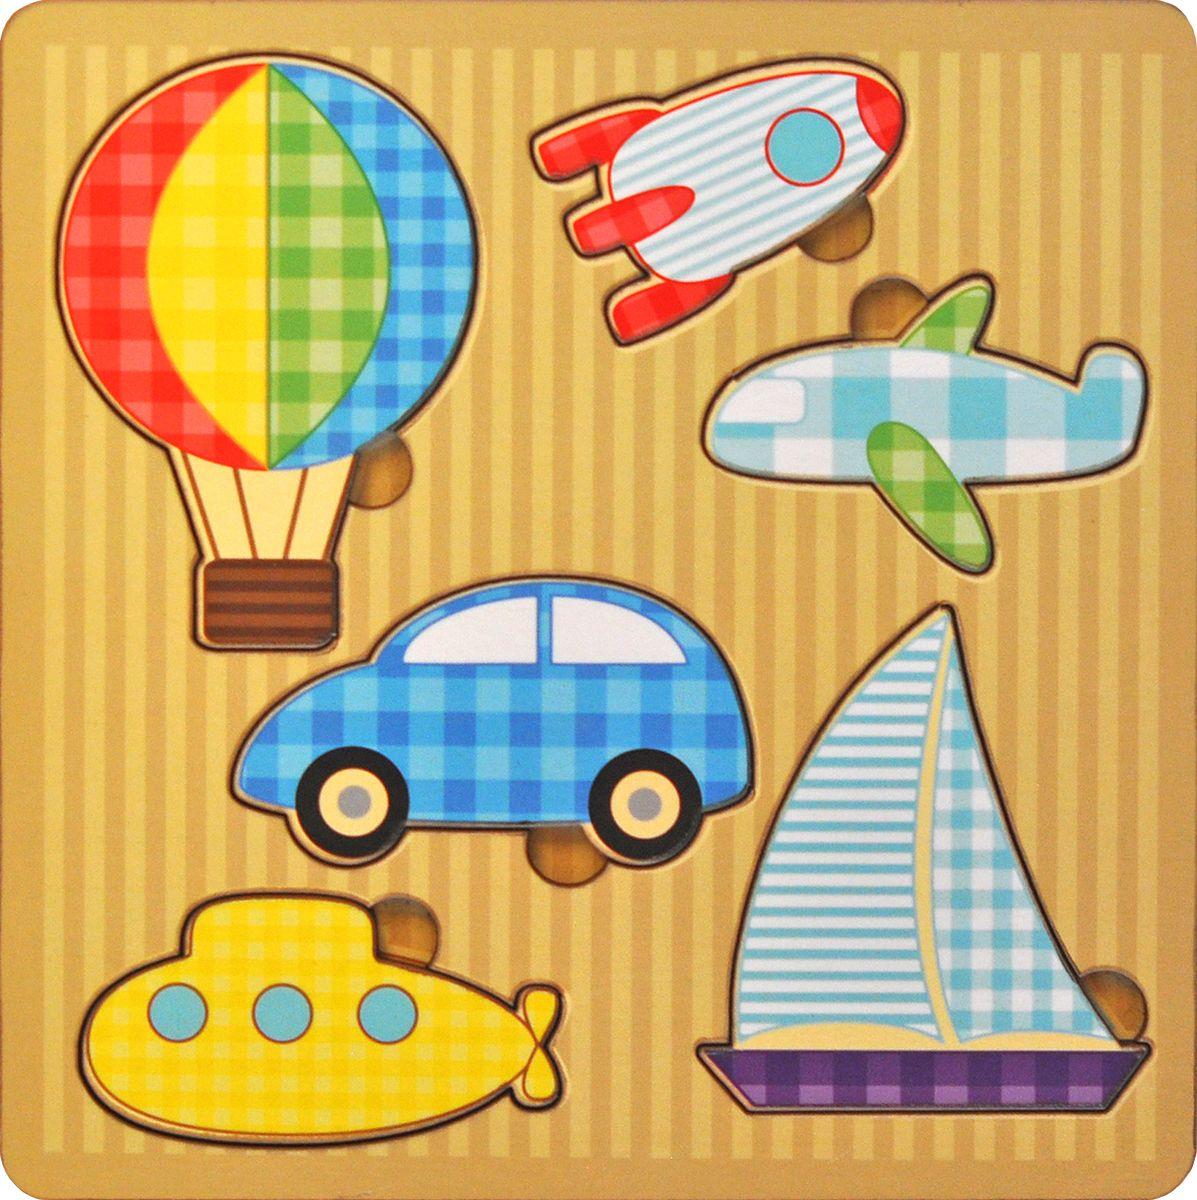 Фабрика Мастер игрушек Пазл для малышей От воды до космосаIG0038Чудесная рамка-вкладыш станет первым пазлом для Вашего ребенка. Эта простая, но увлекательная игрушка обязательно привлечет внимание малыша. Картинки такие интересные и яркие. Задача игры заключается в следующем. Надо разложить деревянные фигурки по своим местам, в специальные углубления - дощечки.